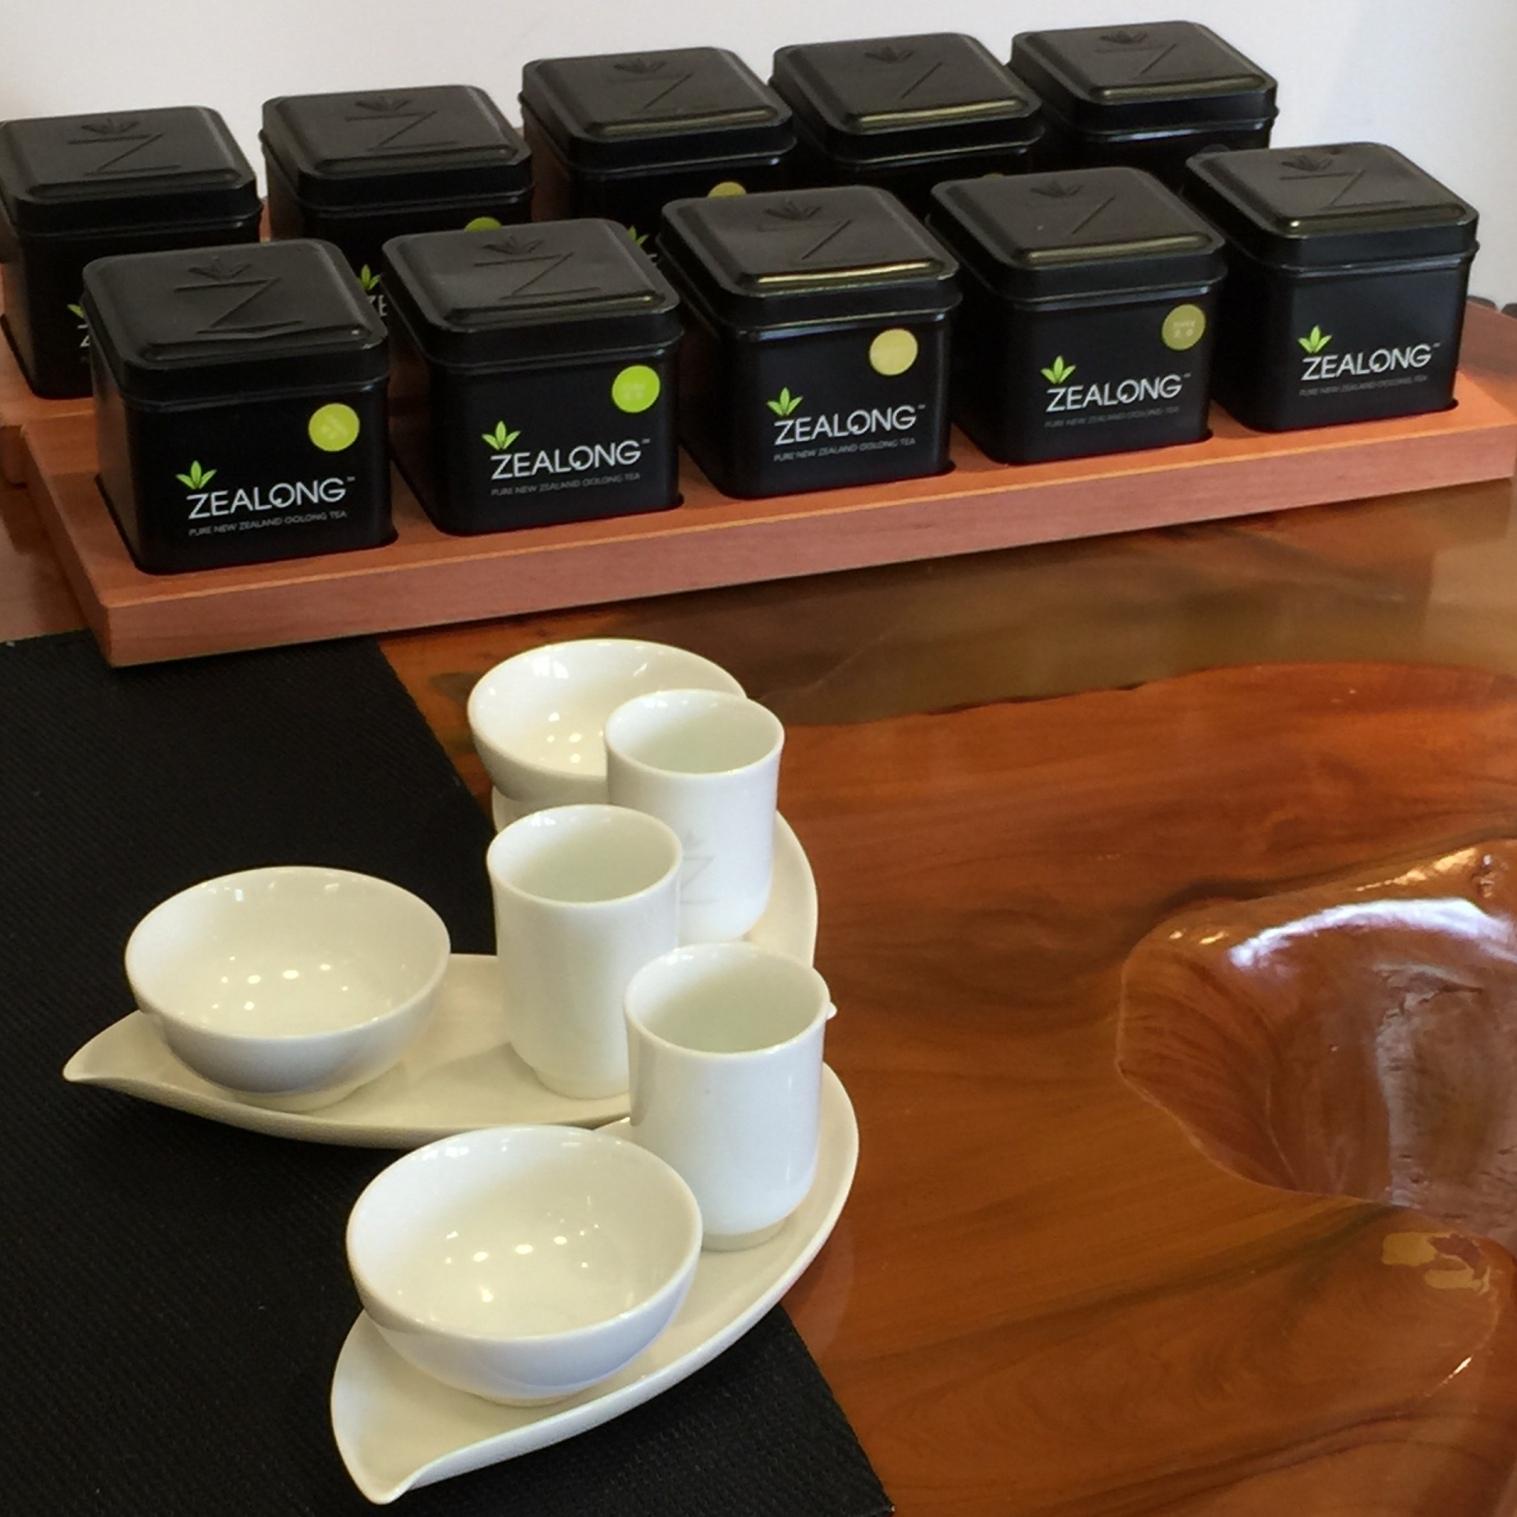 Zealong tea tasting